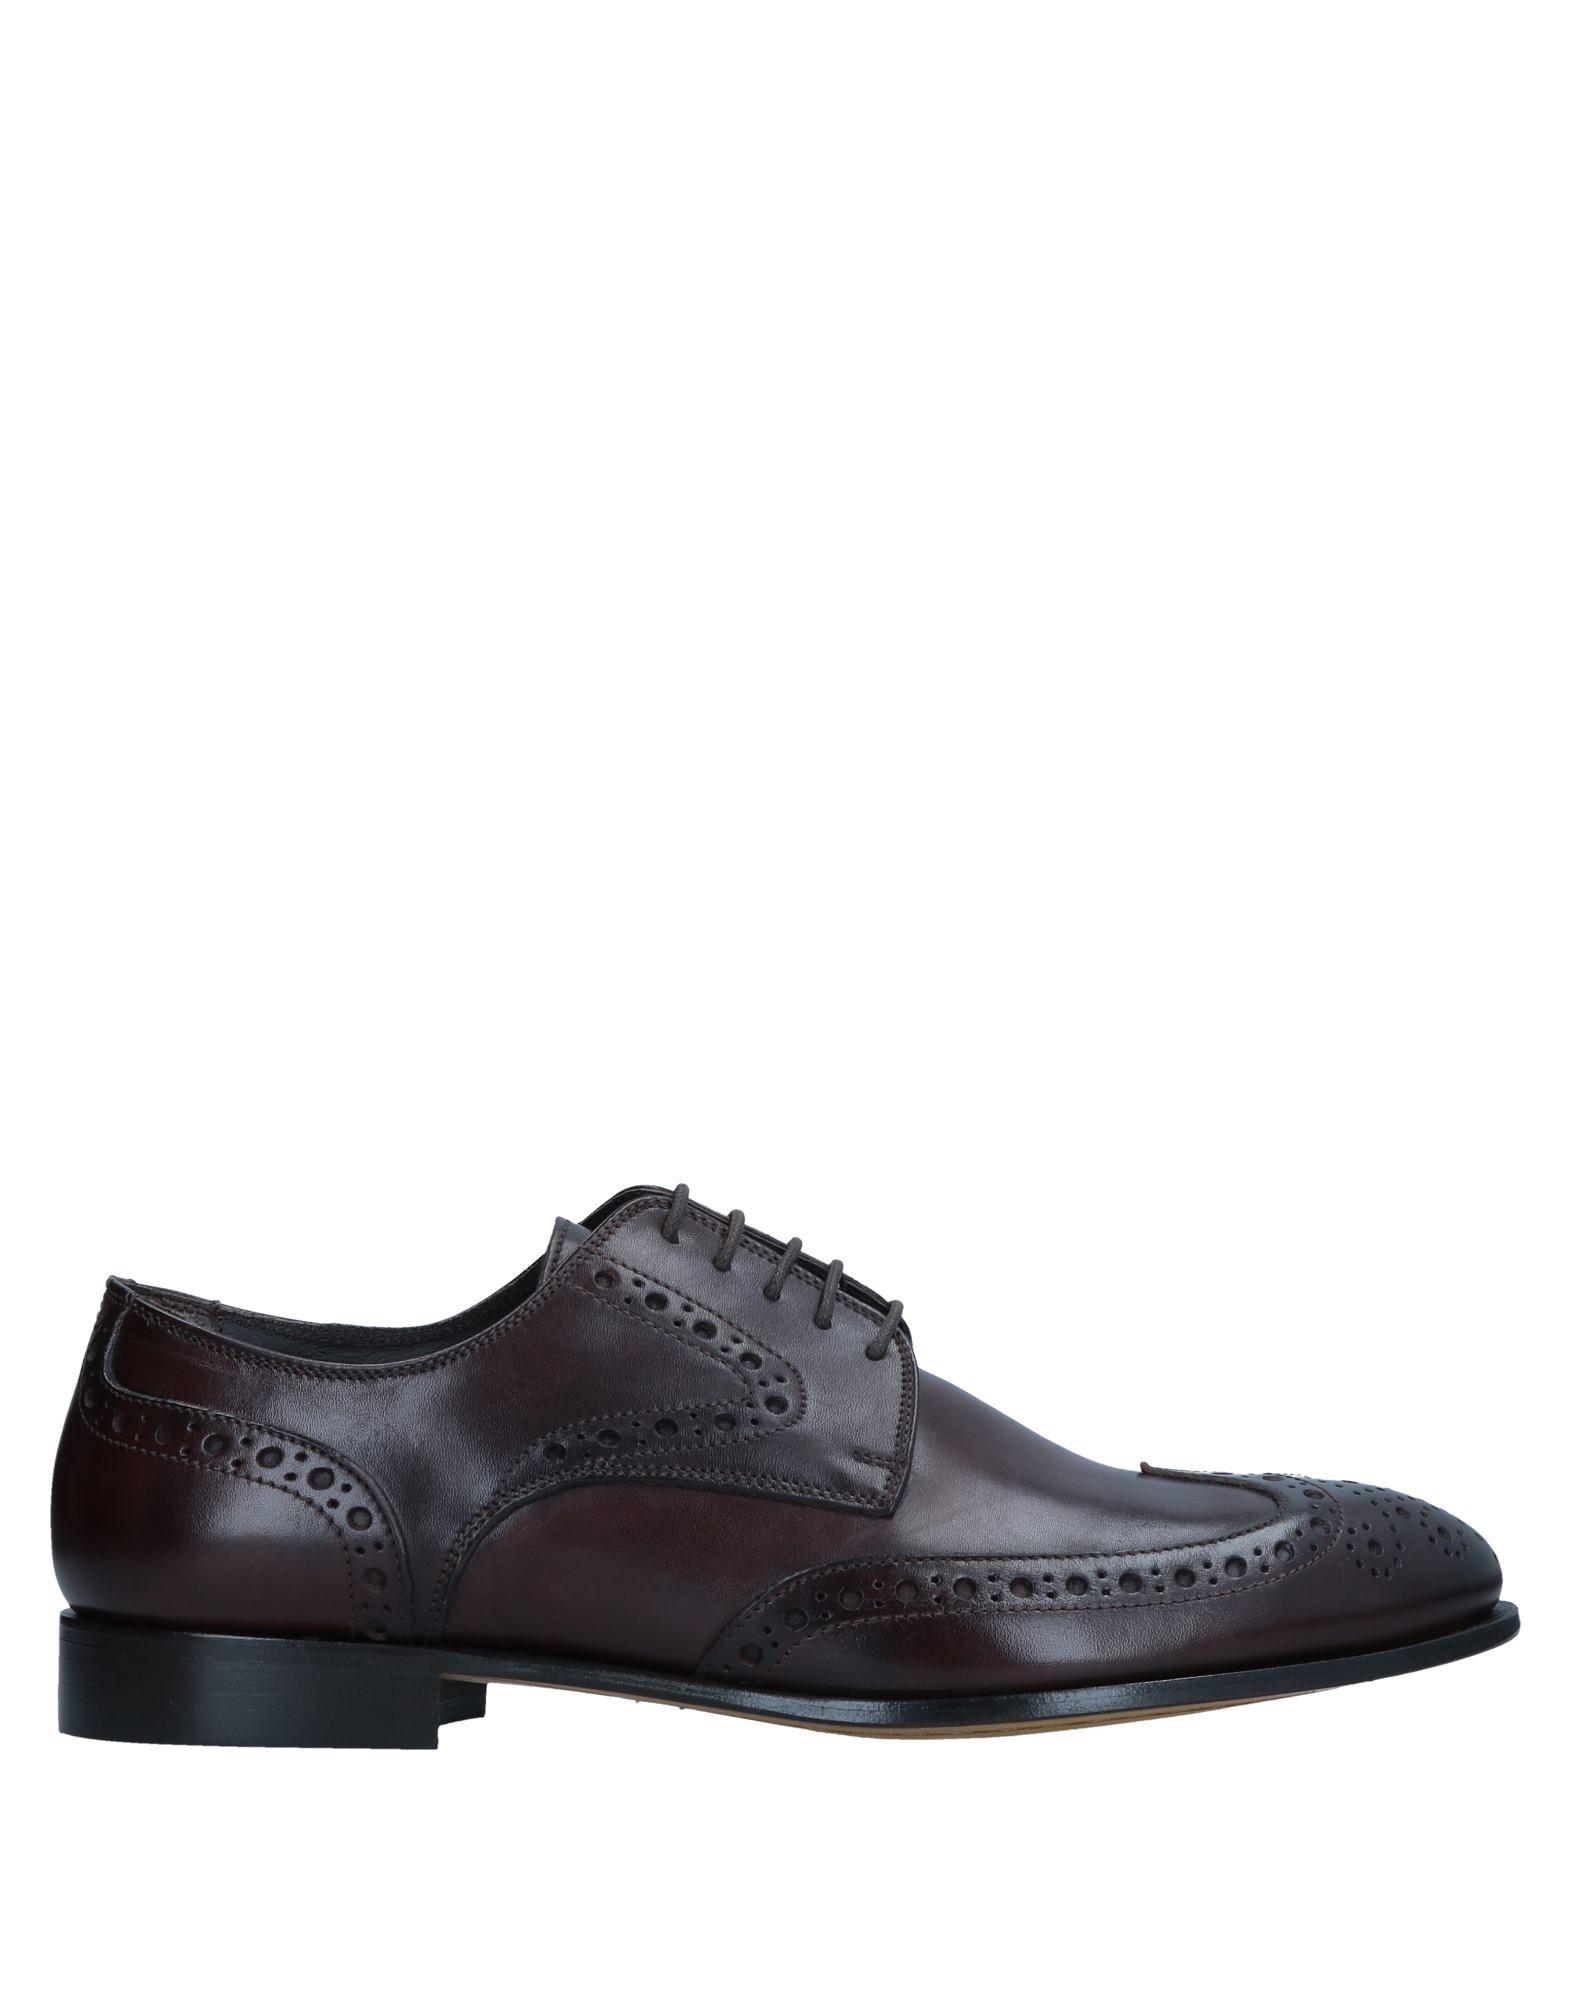 Bagatt Schnürschuhe Herren  11518372NK Gute Qualität beliebte Schuhe